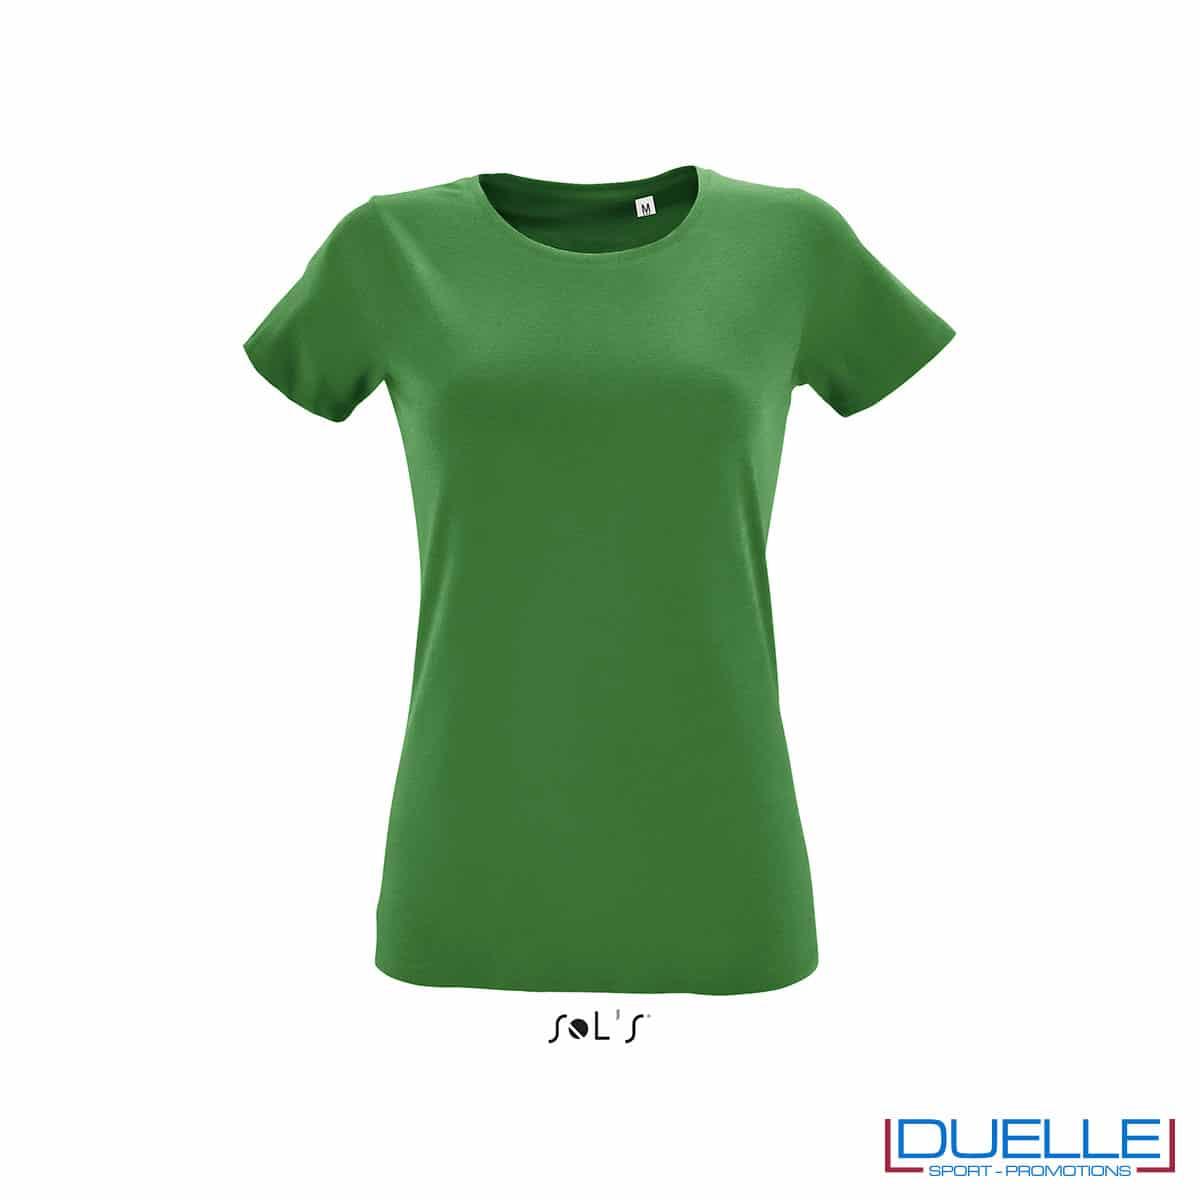 maglietta verde slim fit donna